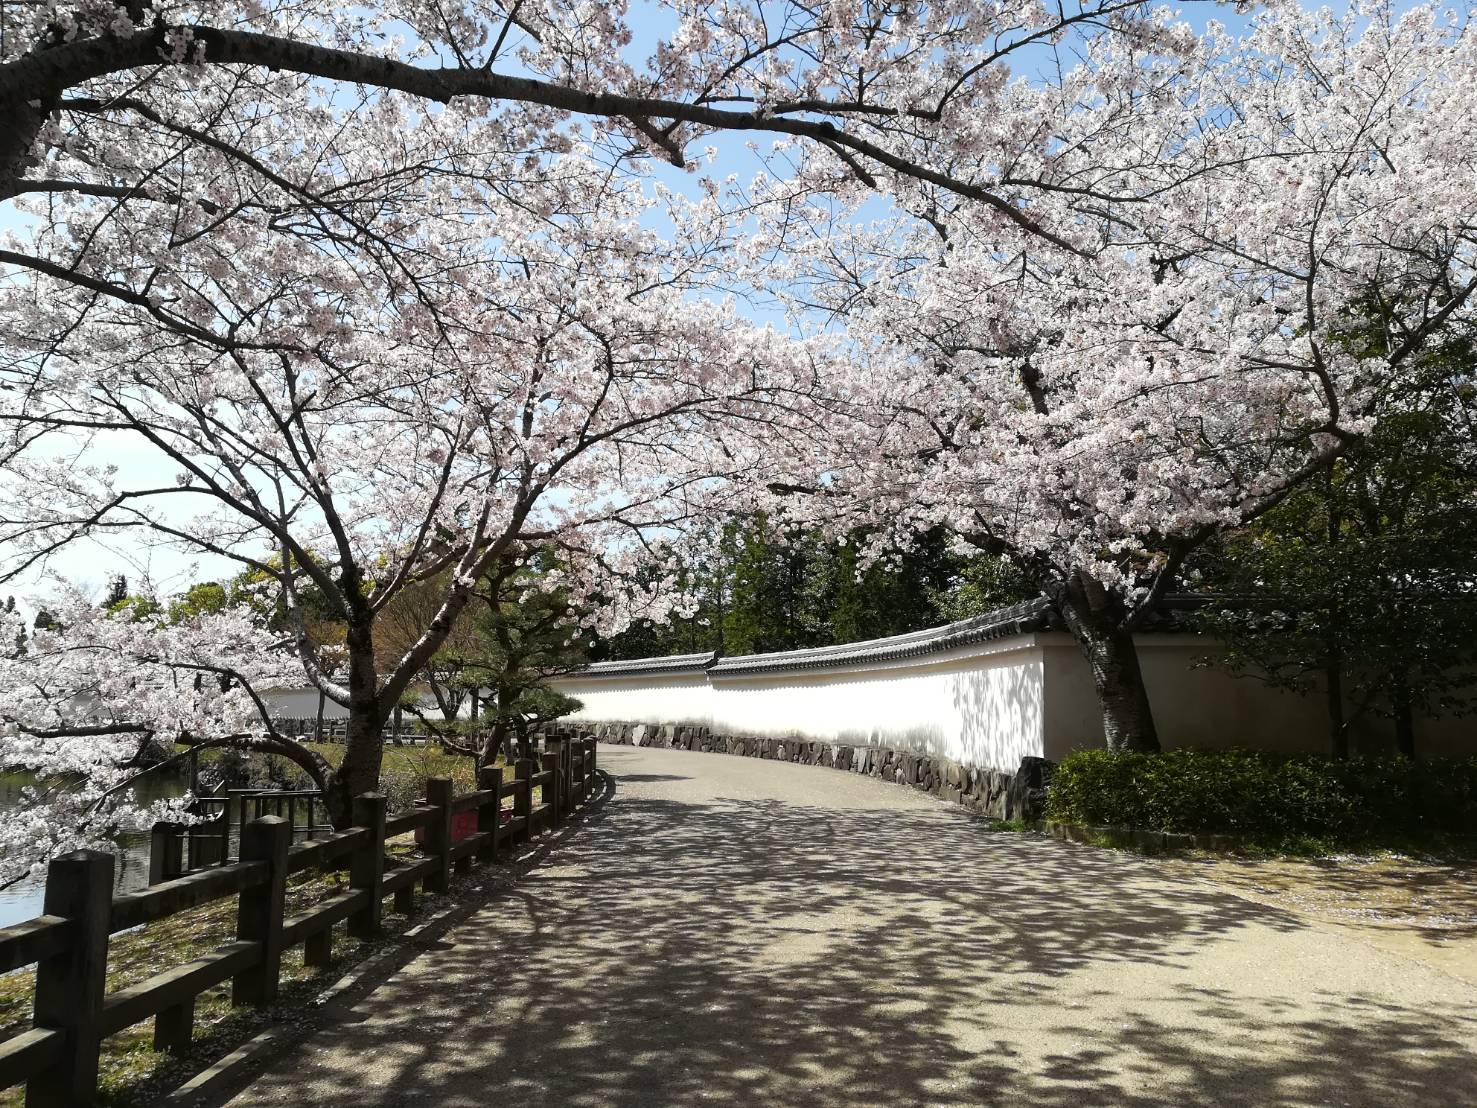 Có một mùa hoa anh đào Nhật Bản đẹp đến tan chảy qua ống kính của du học sinh người Việt: Một khi đã xem thì chẳng thể rời mắt được - Ảnh 5.